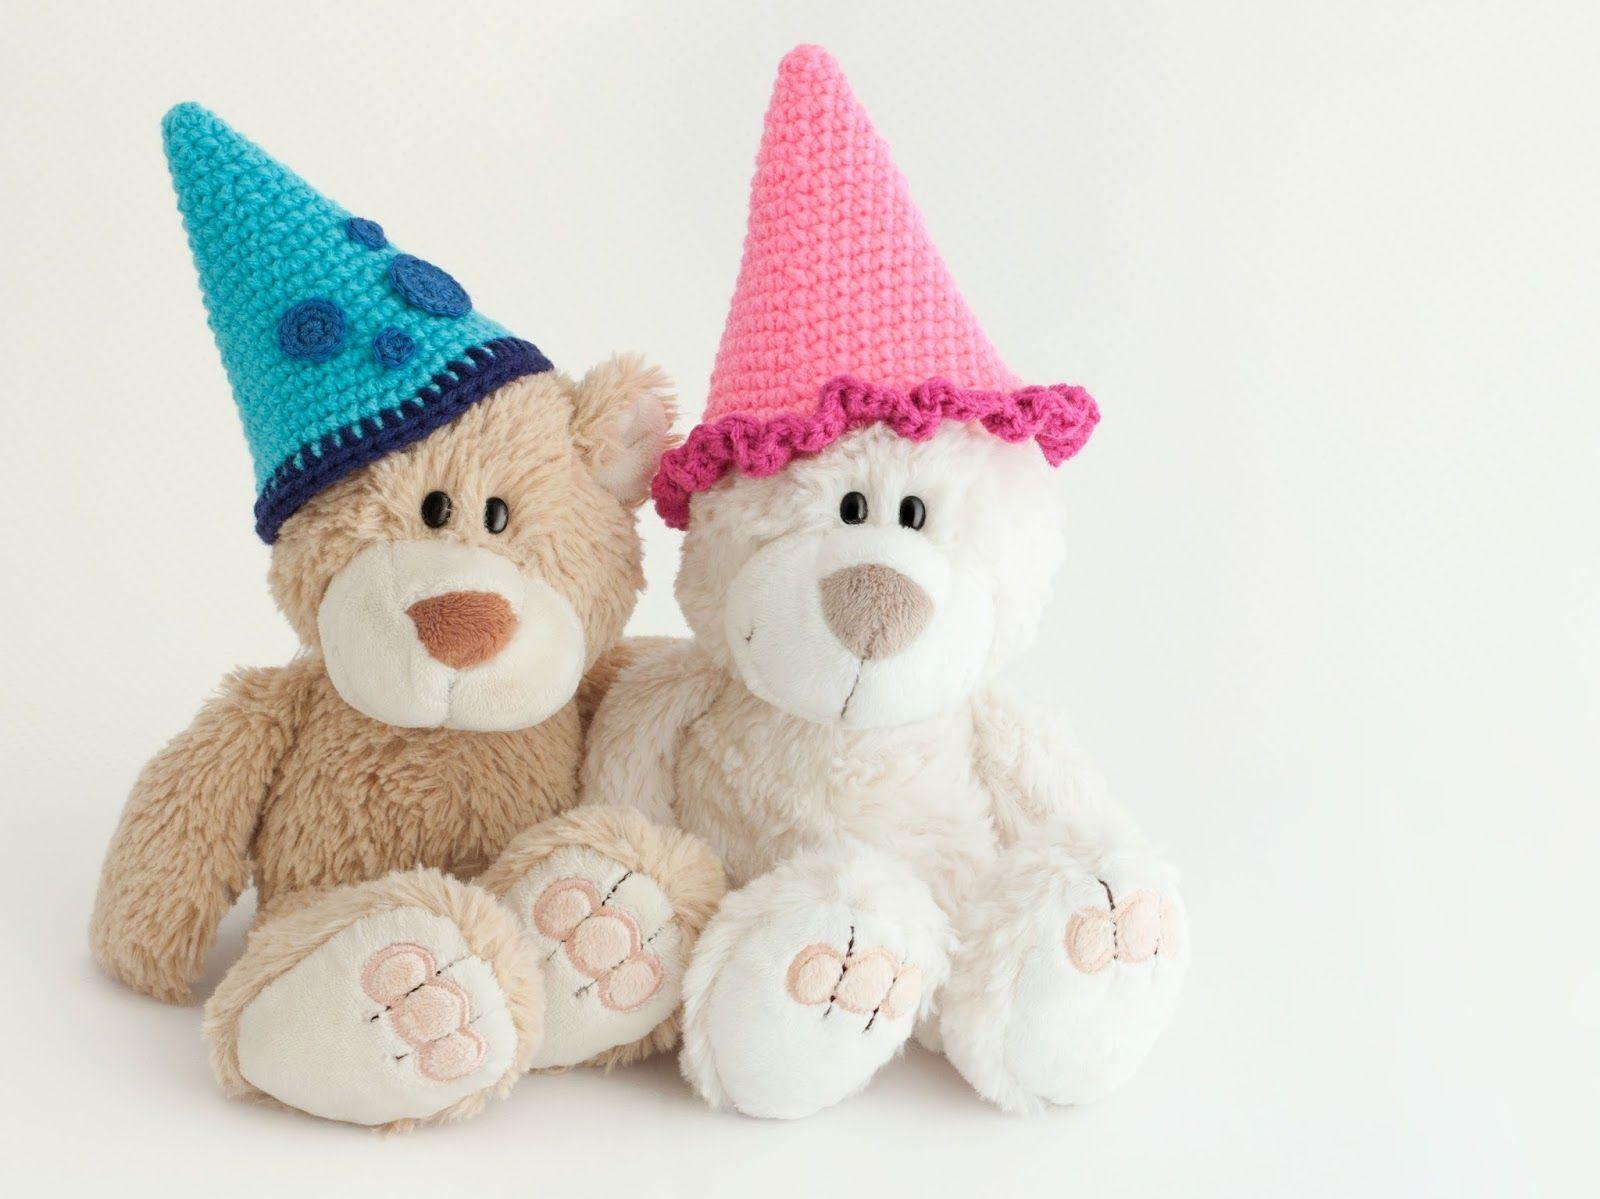 Gorro fiesta crochet (enlace a patrón gratis)   amigurumi ...